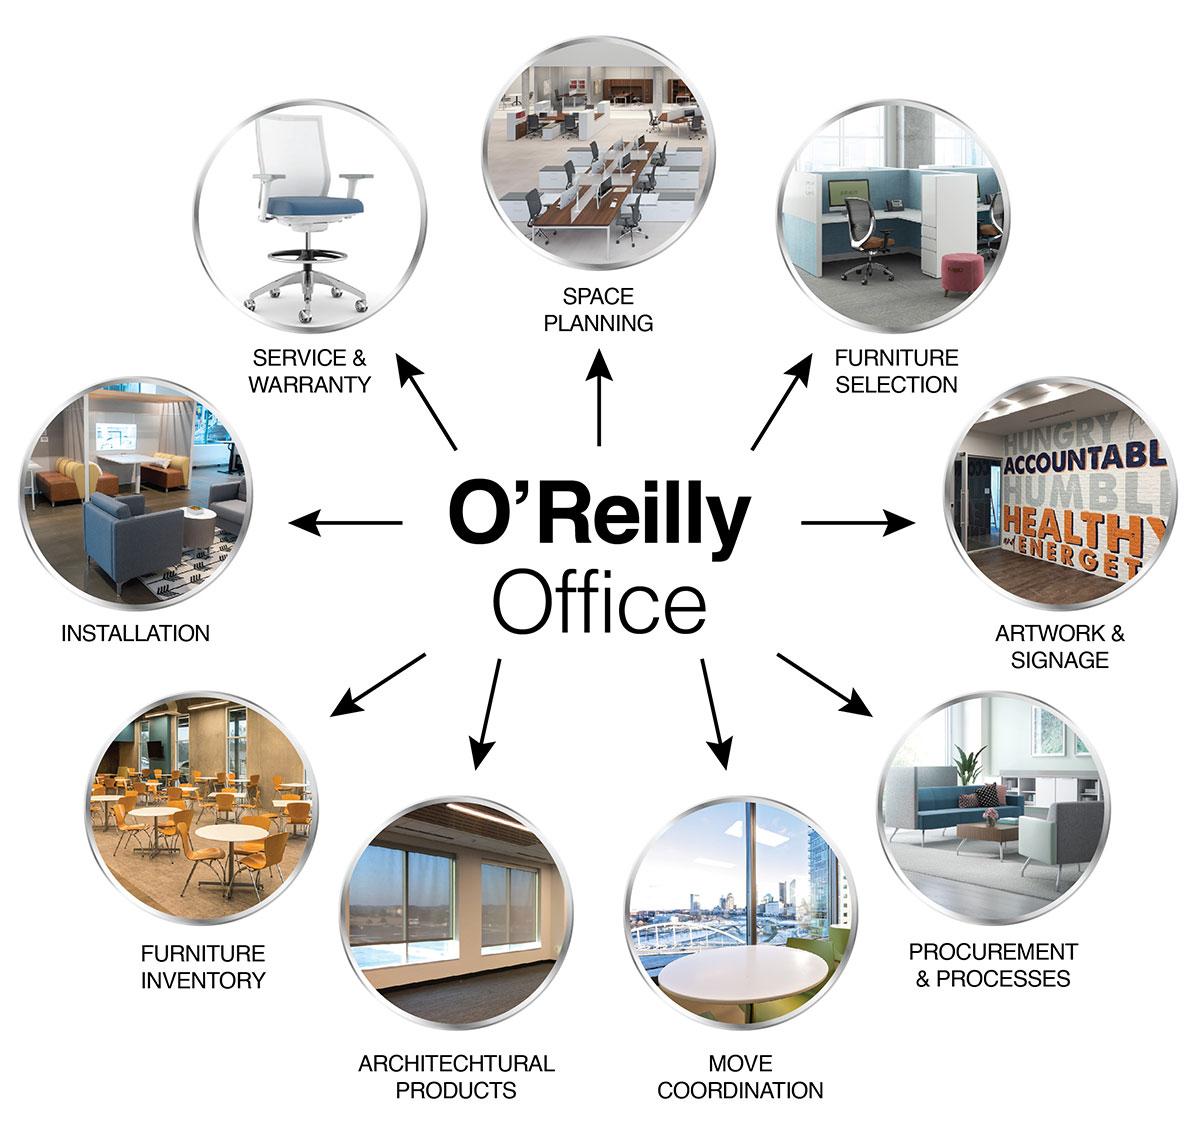 O'Reilly Services